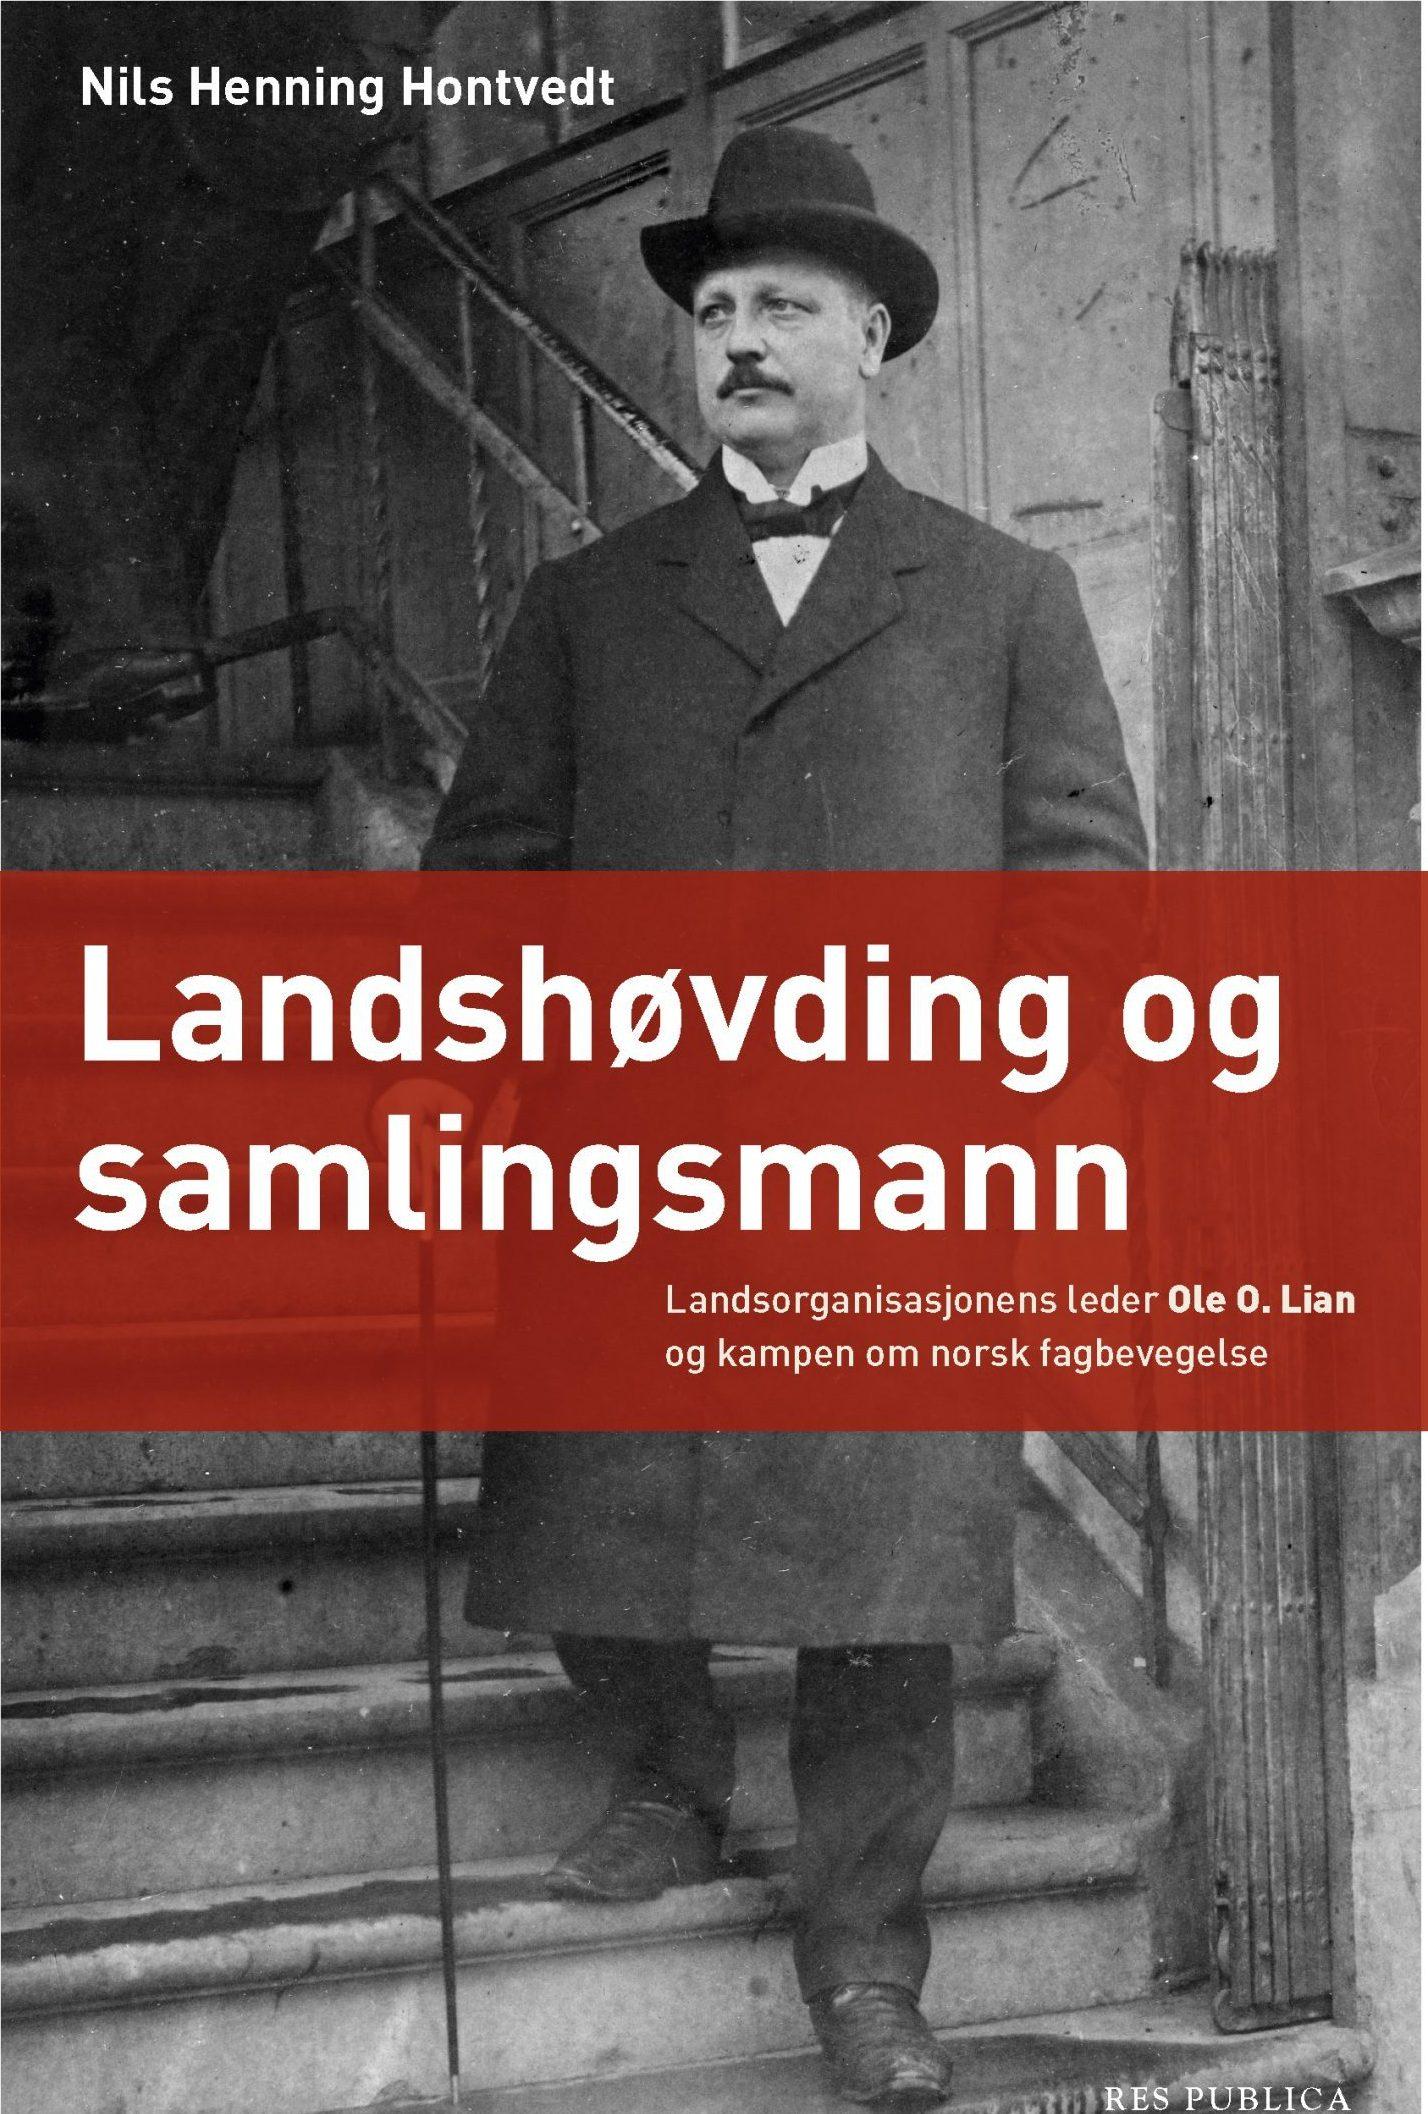 Nils Henning Hontvedt: Landshøvding og samlingsmann - Landsorganisasjonens leder Ole O. Lian og kampen om norsk fagbevegelse